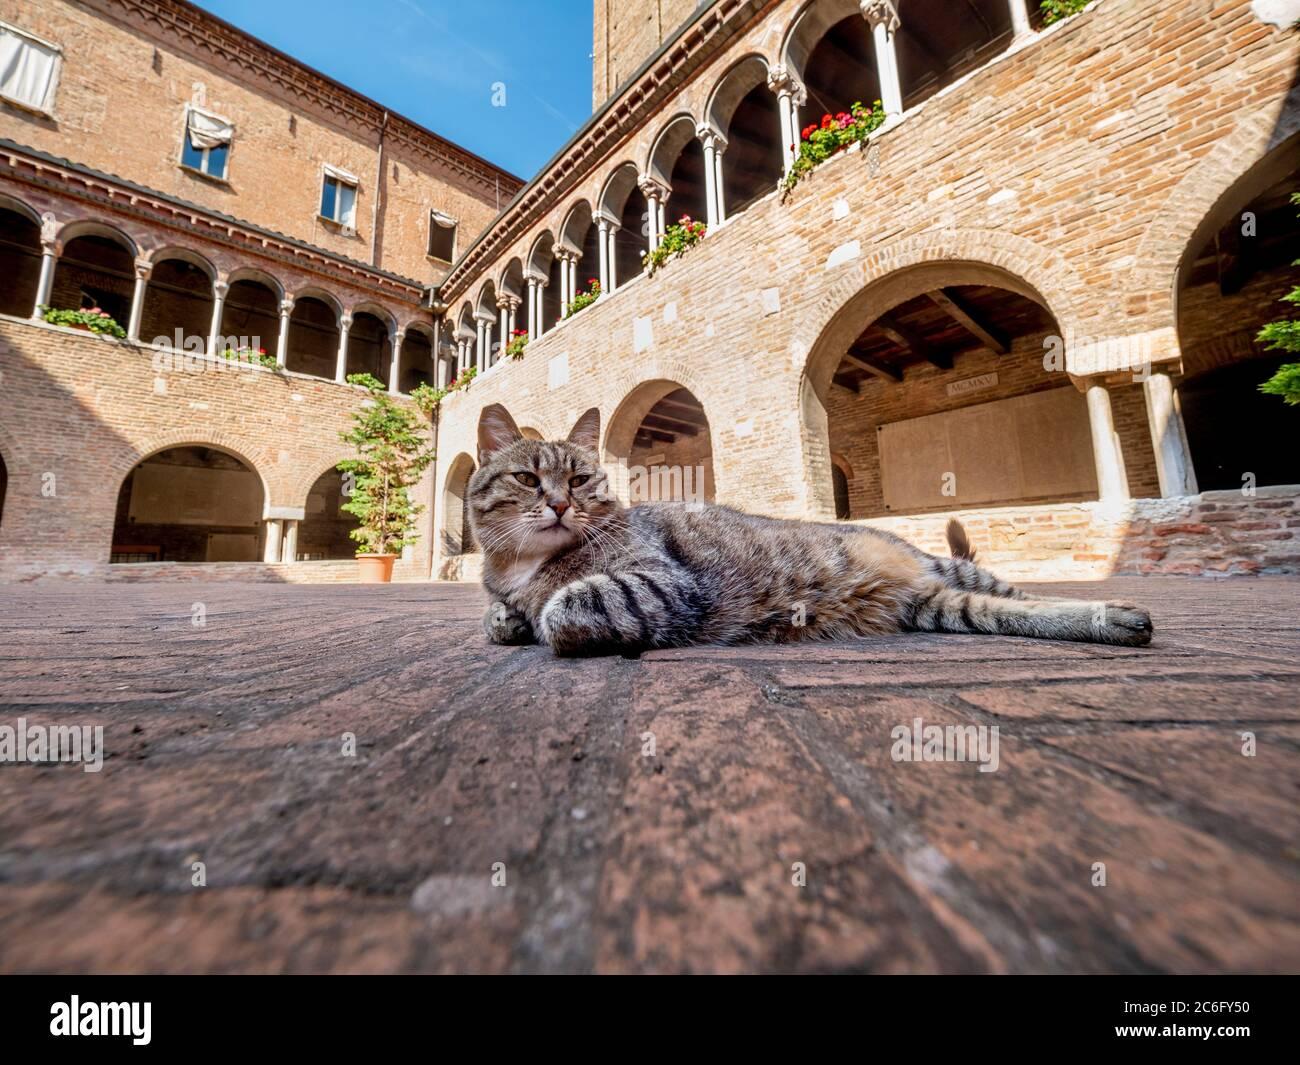 Chiesa gatto relax nel chiostro della Basilica di Santo Stefano. Bologna, Italia. Foto Stock